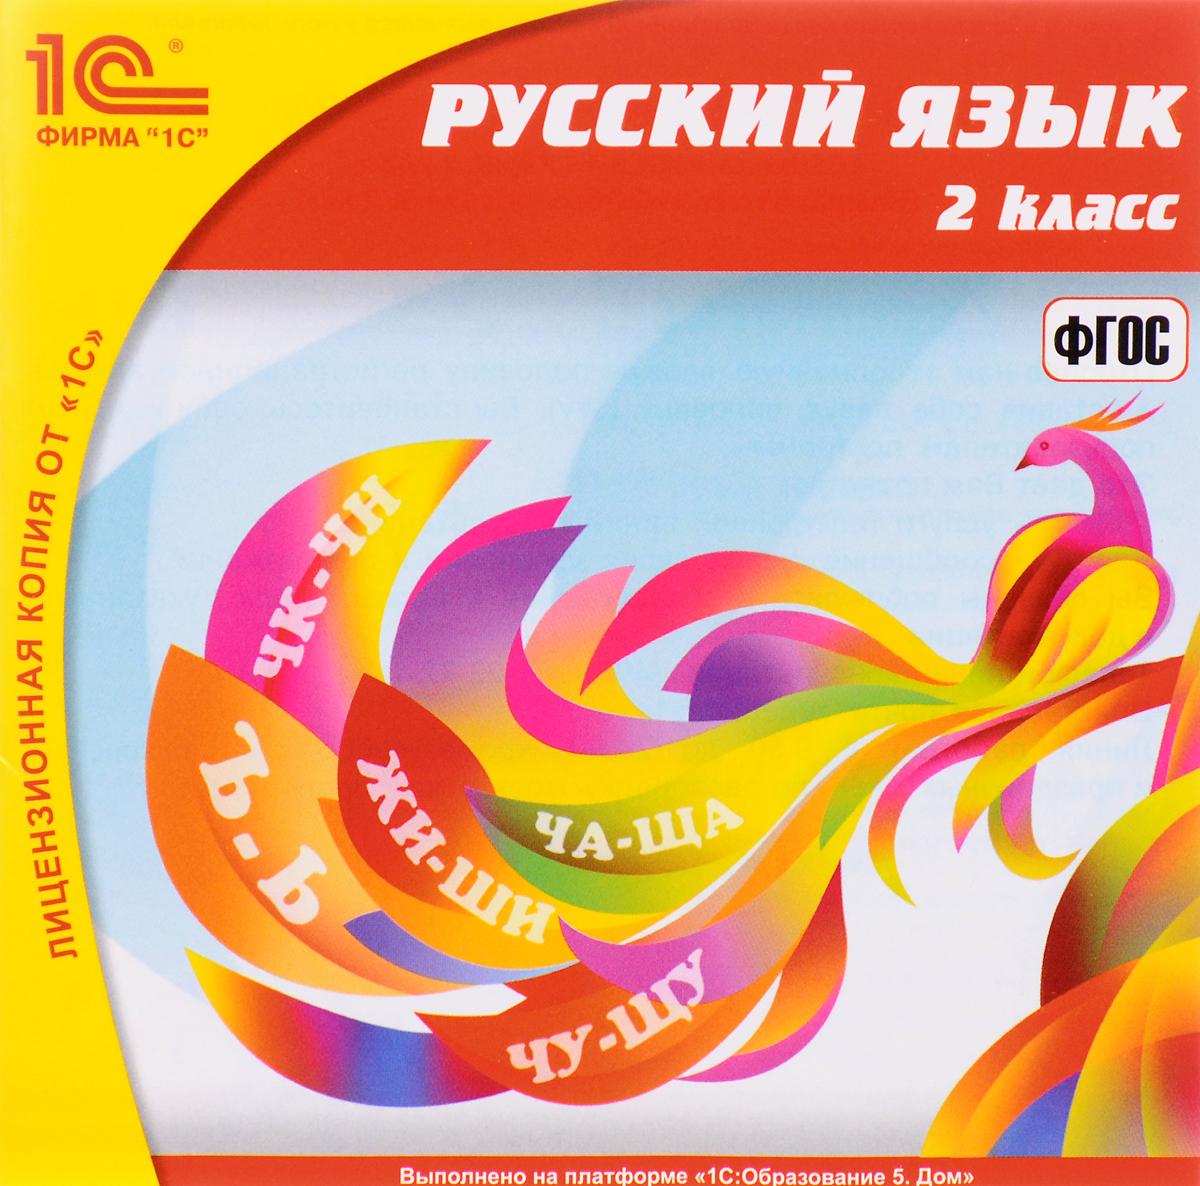 1С:Школа. Русский язык. 2 класс немецкий язык 2 класс spektrum учебное пособие фгос